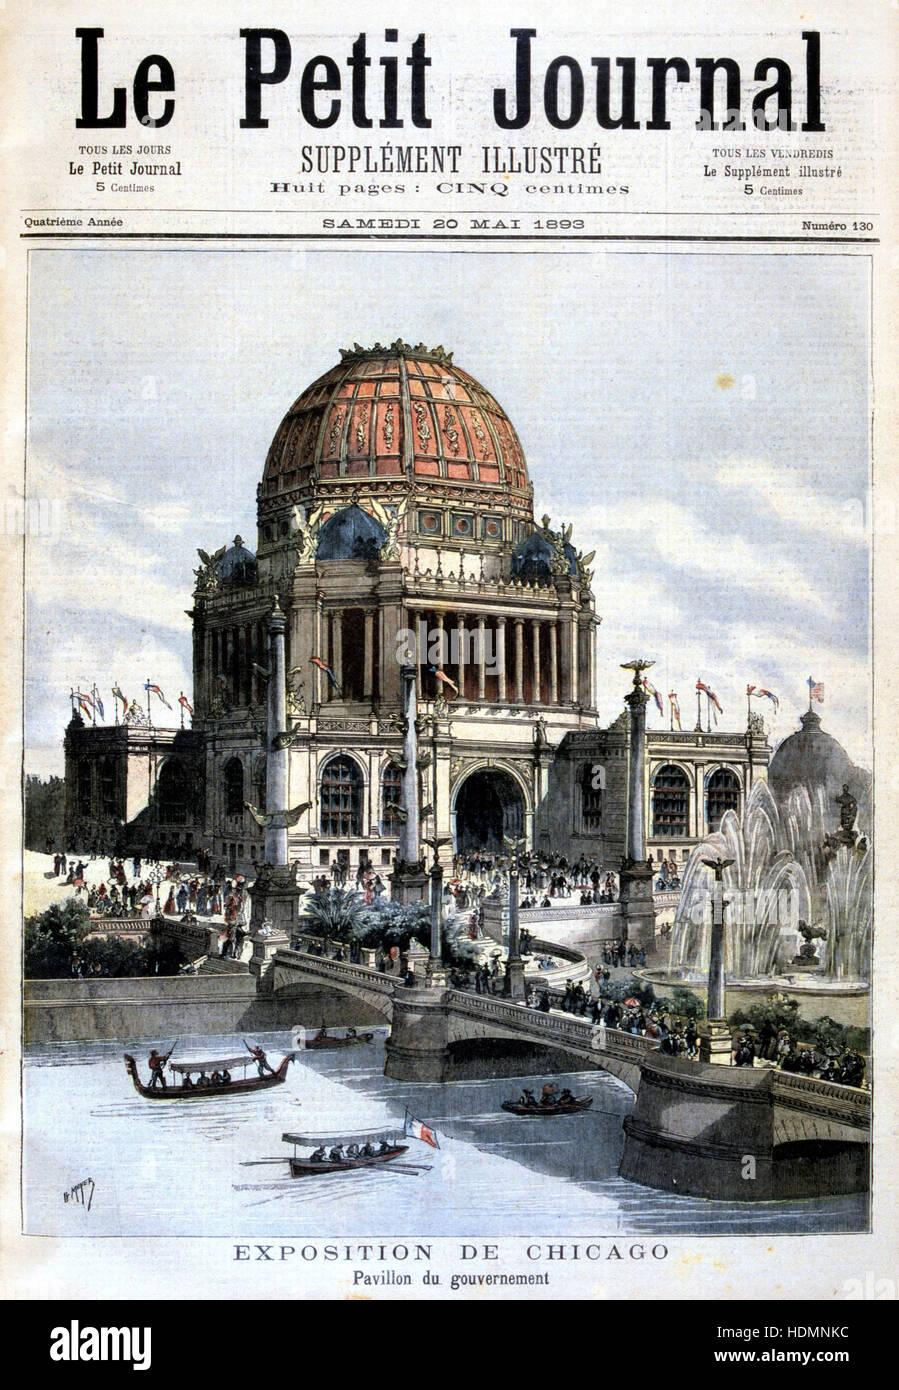 'Le Petit Journal' Paris 20 mai 1893 - Exposition de Chicago, 1893 - US pavilion Photo Stock